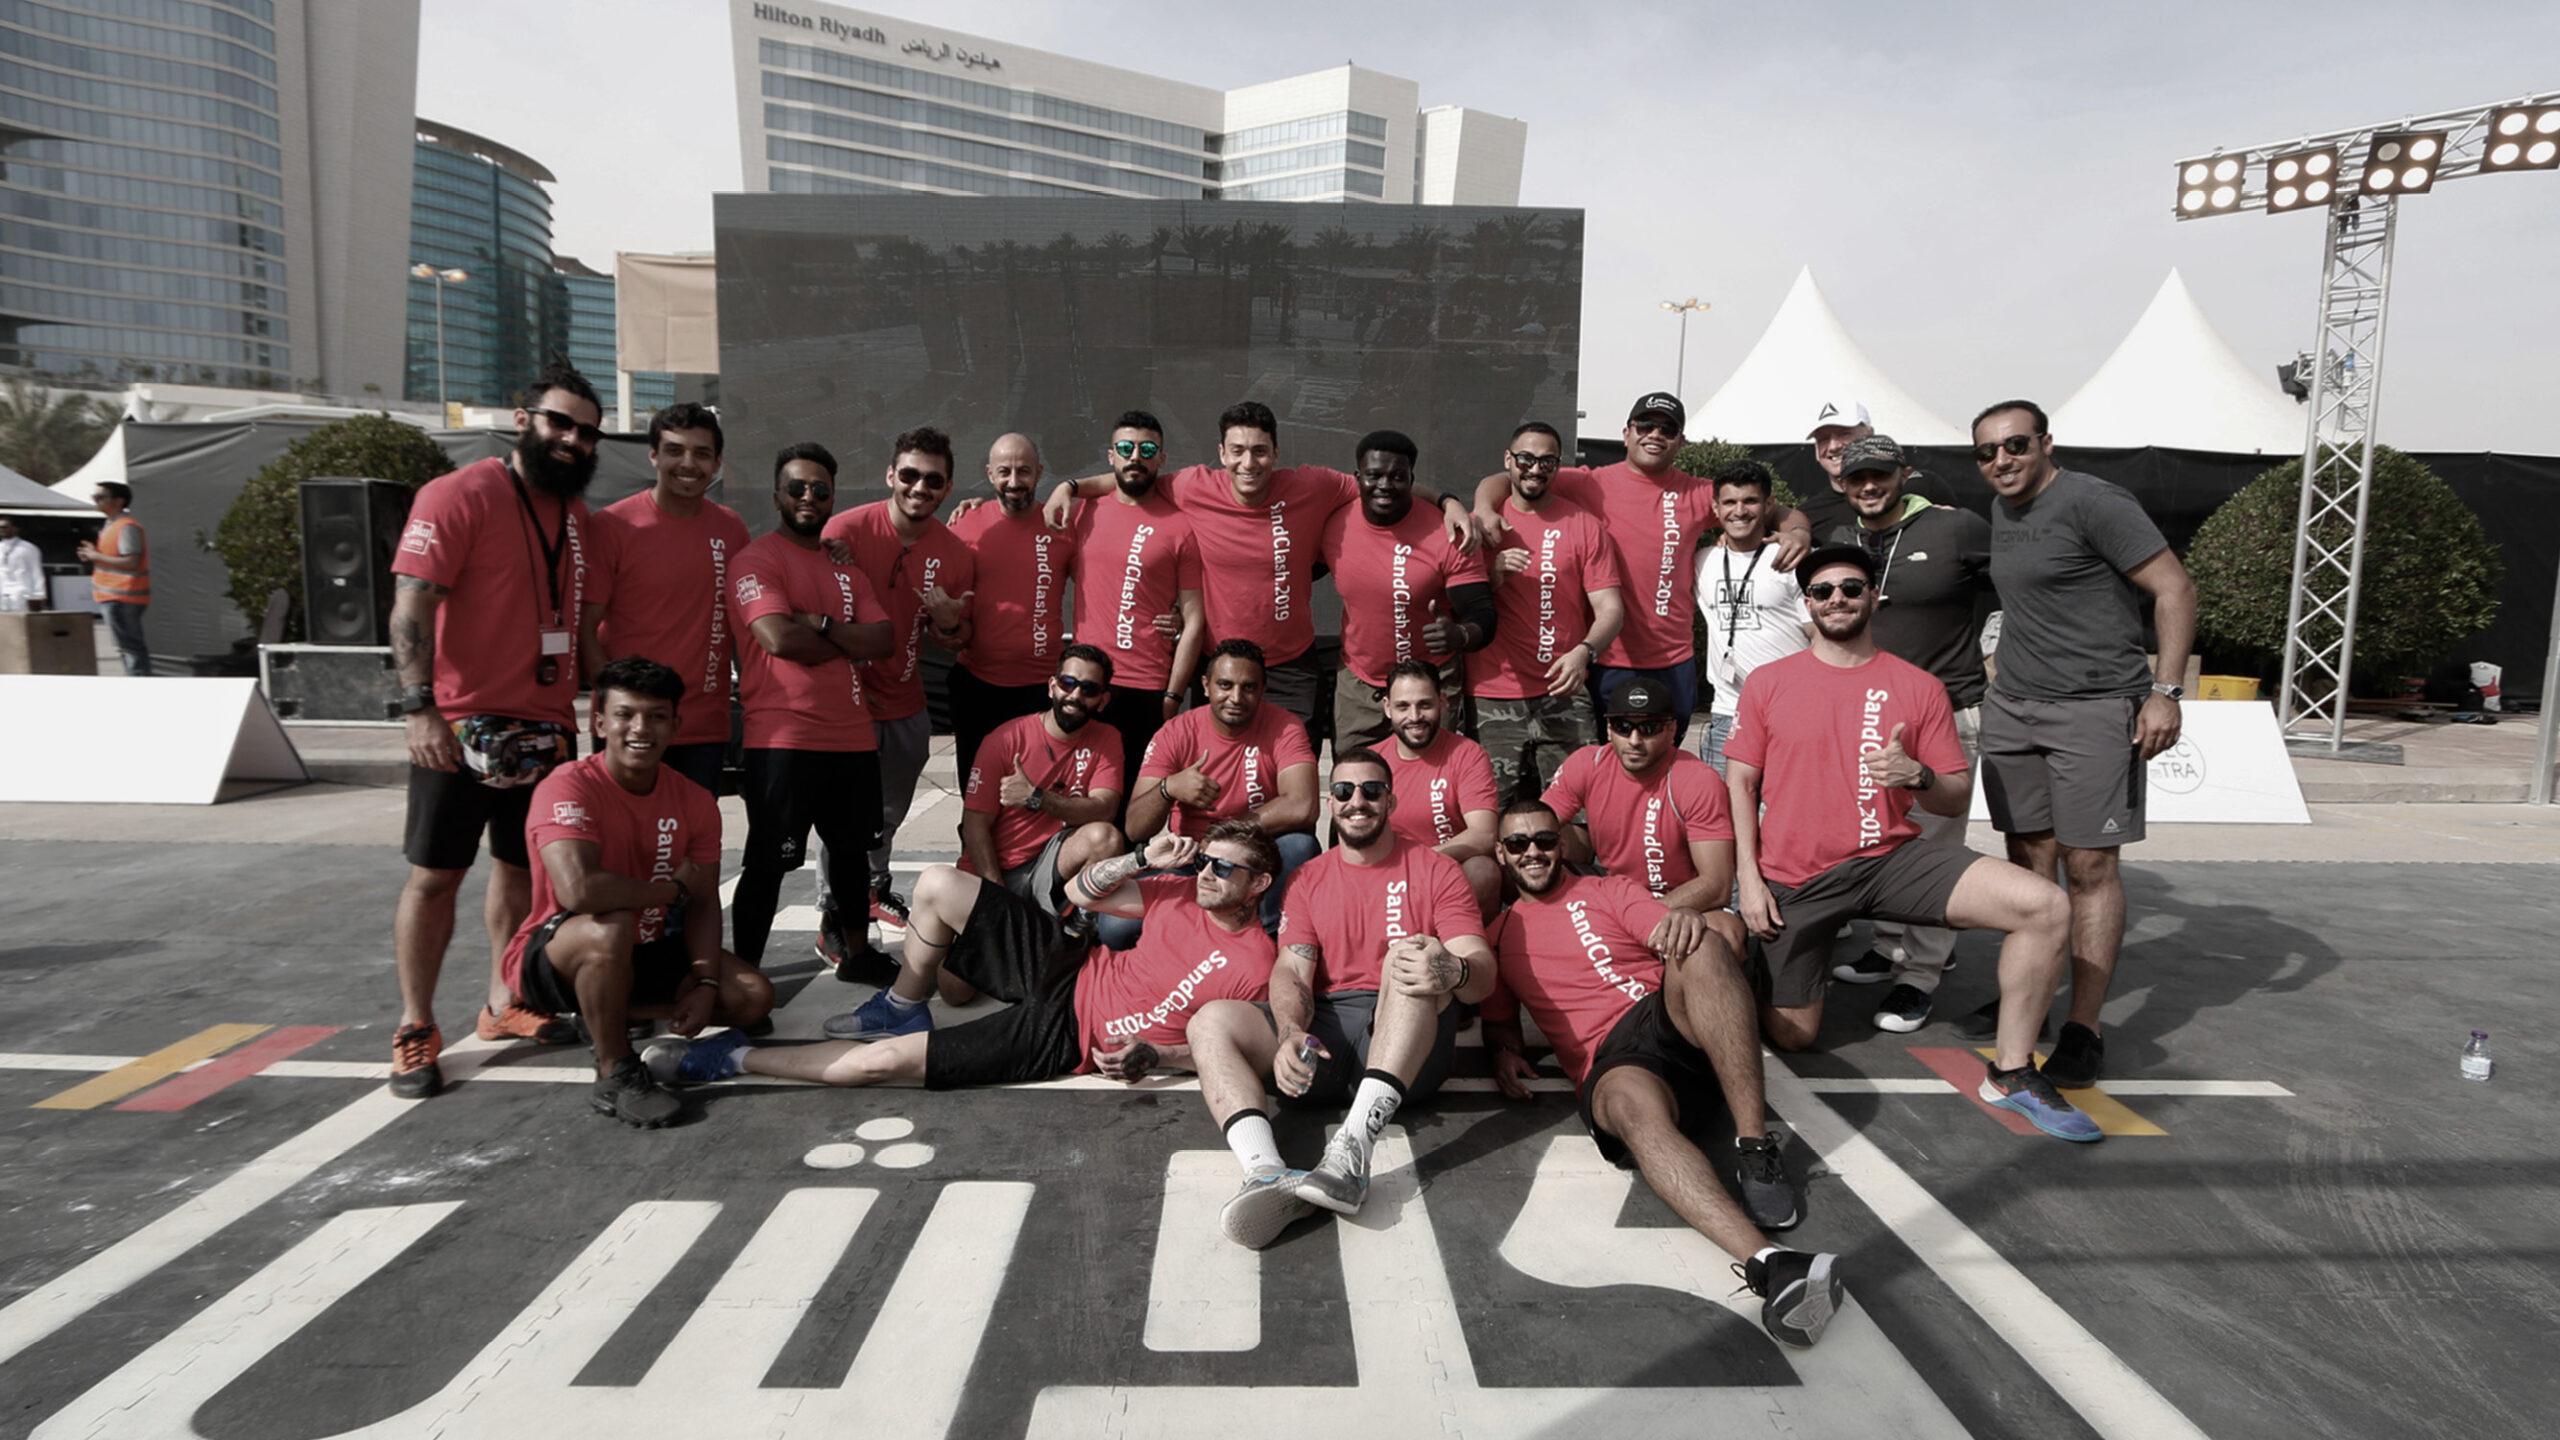 201904-Nacione-Branding-2019-SandClash-Competition6